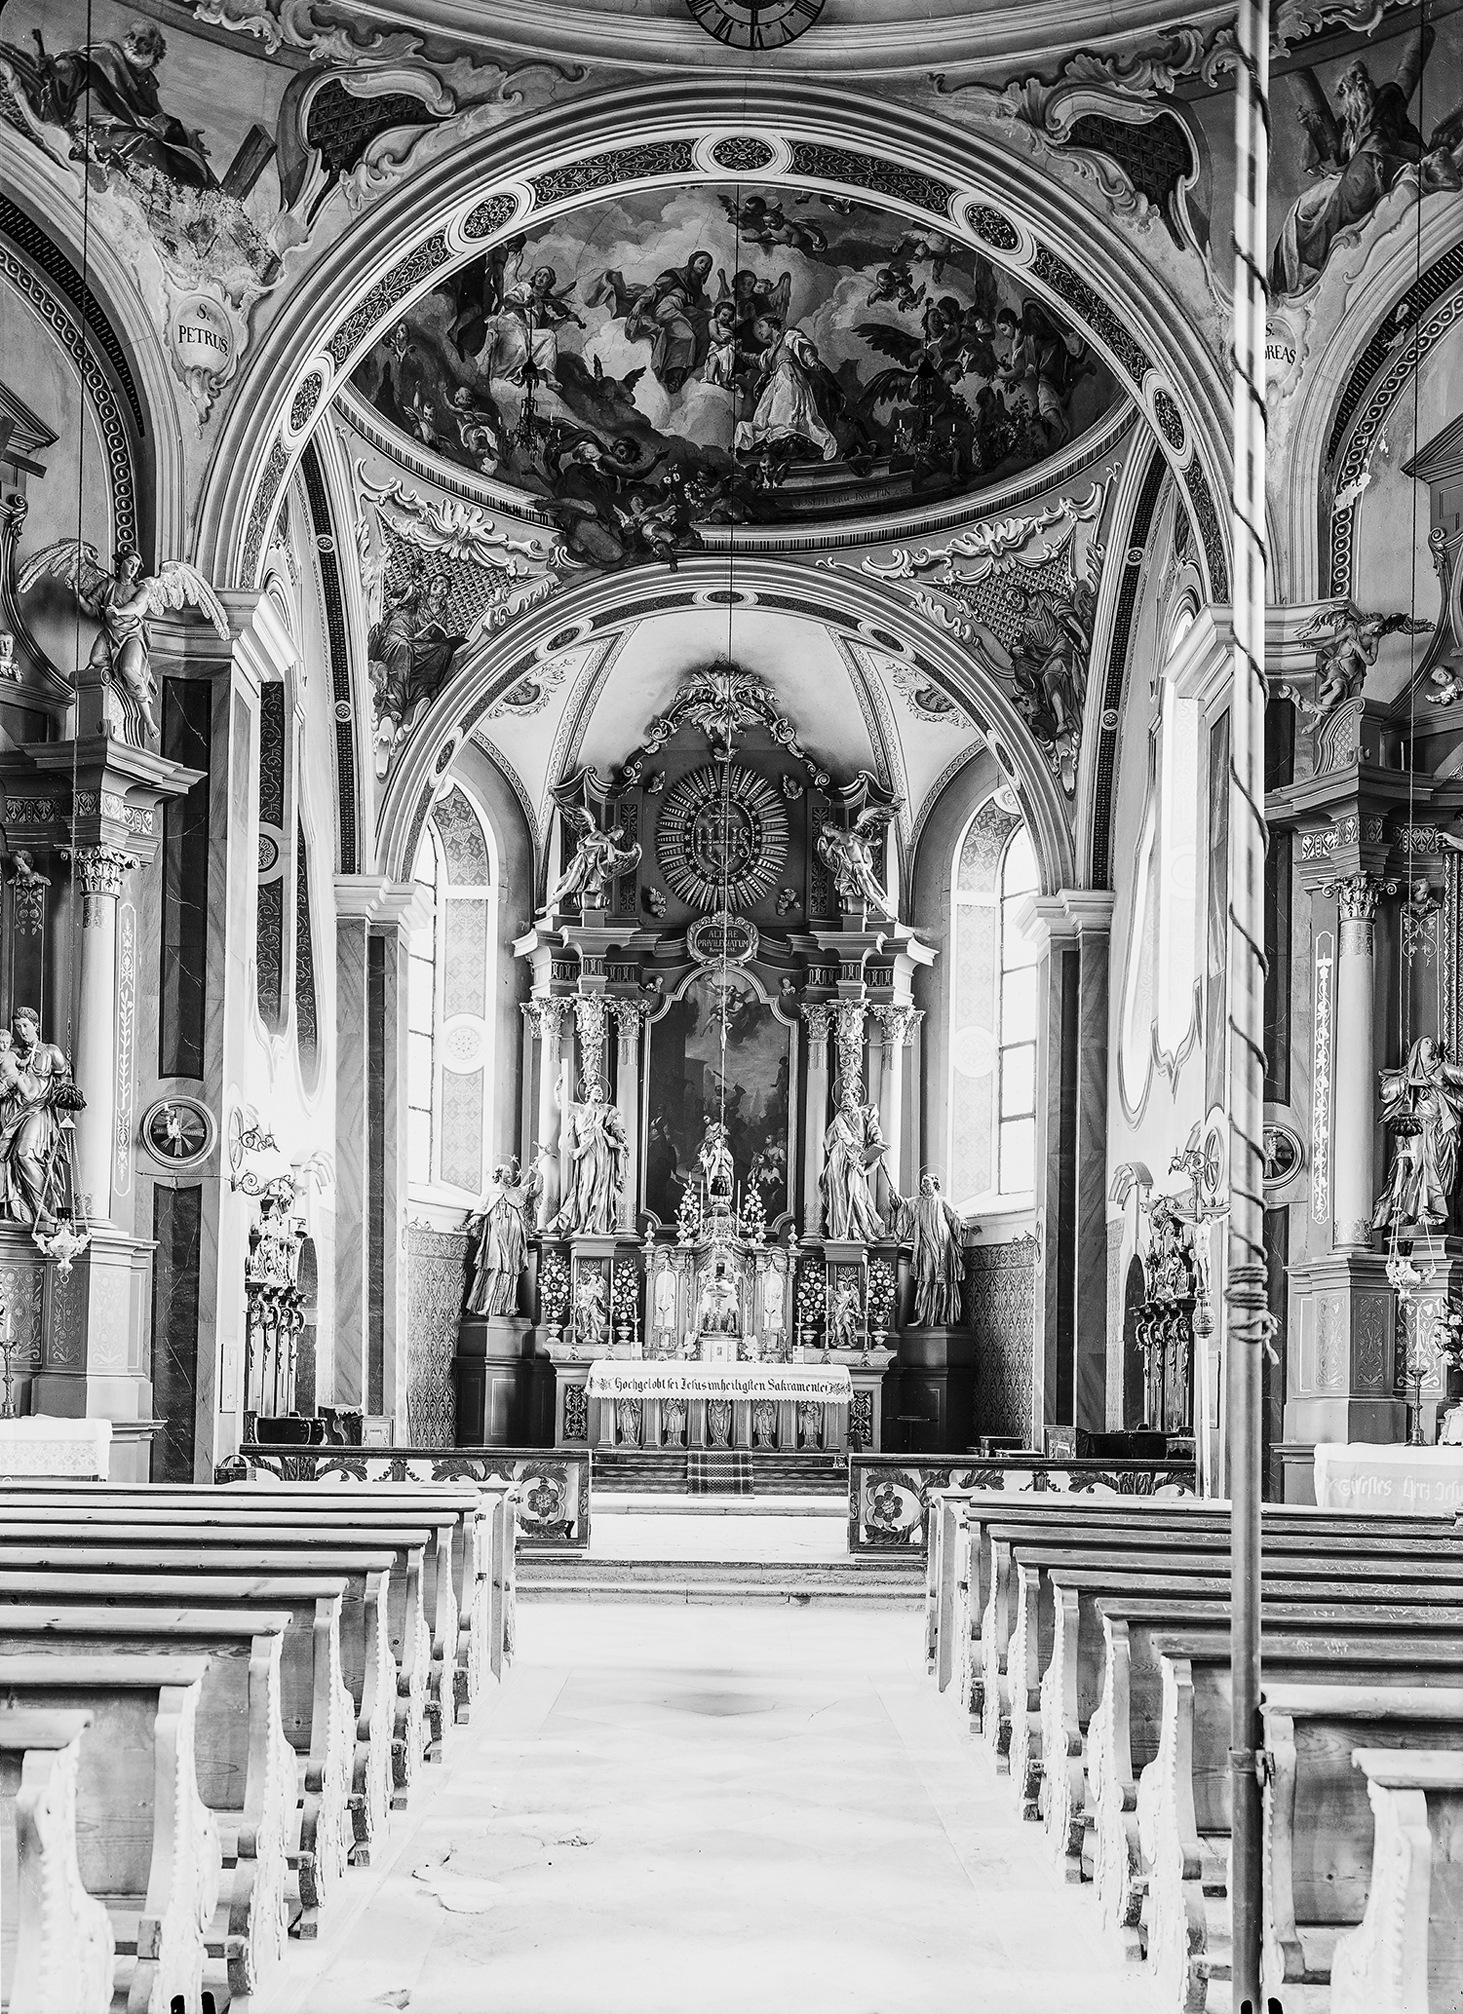 Und Wieder Eine (un)bekannte Kirche: Mit Den Augen Des Unbekannten Fotografen X